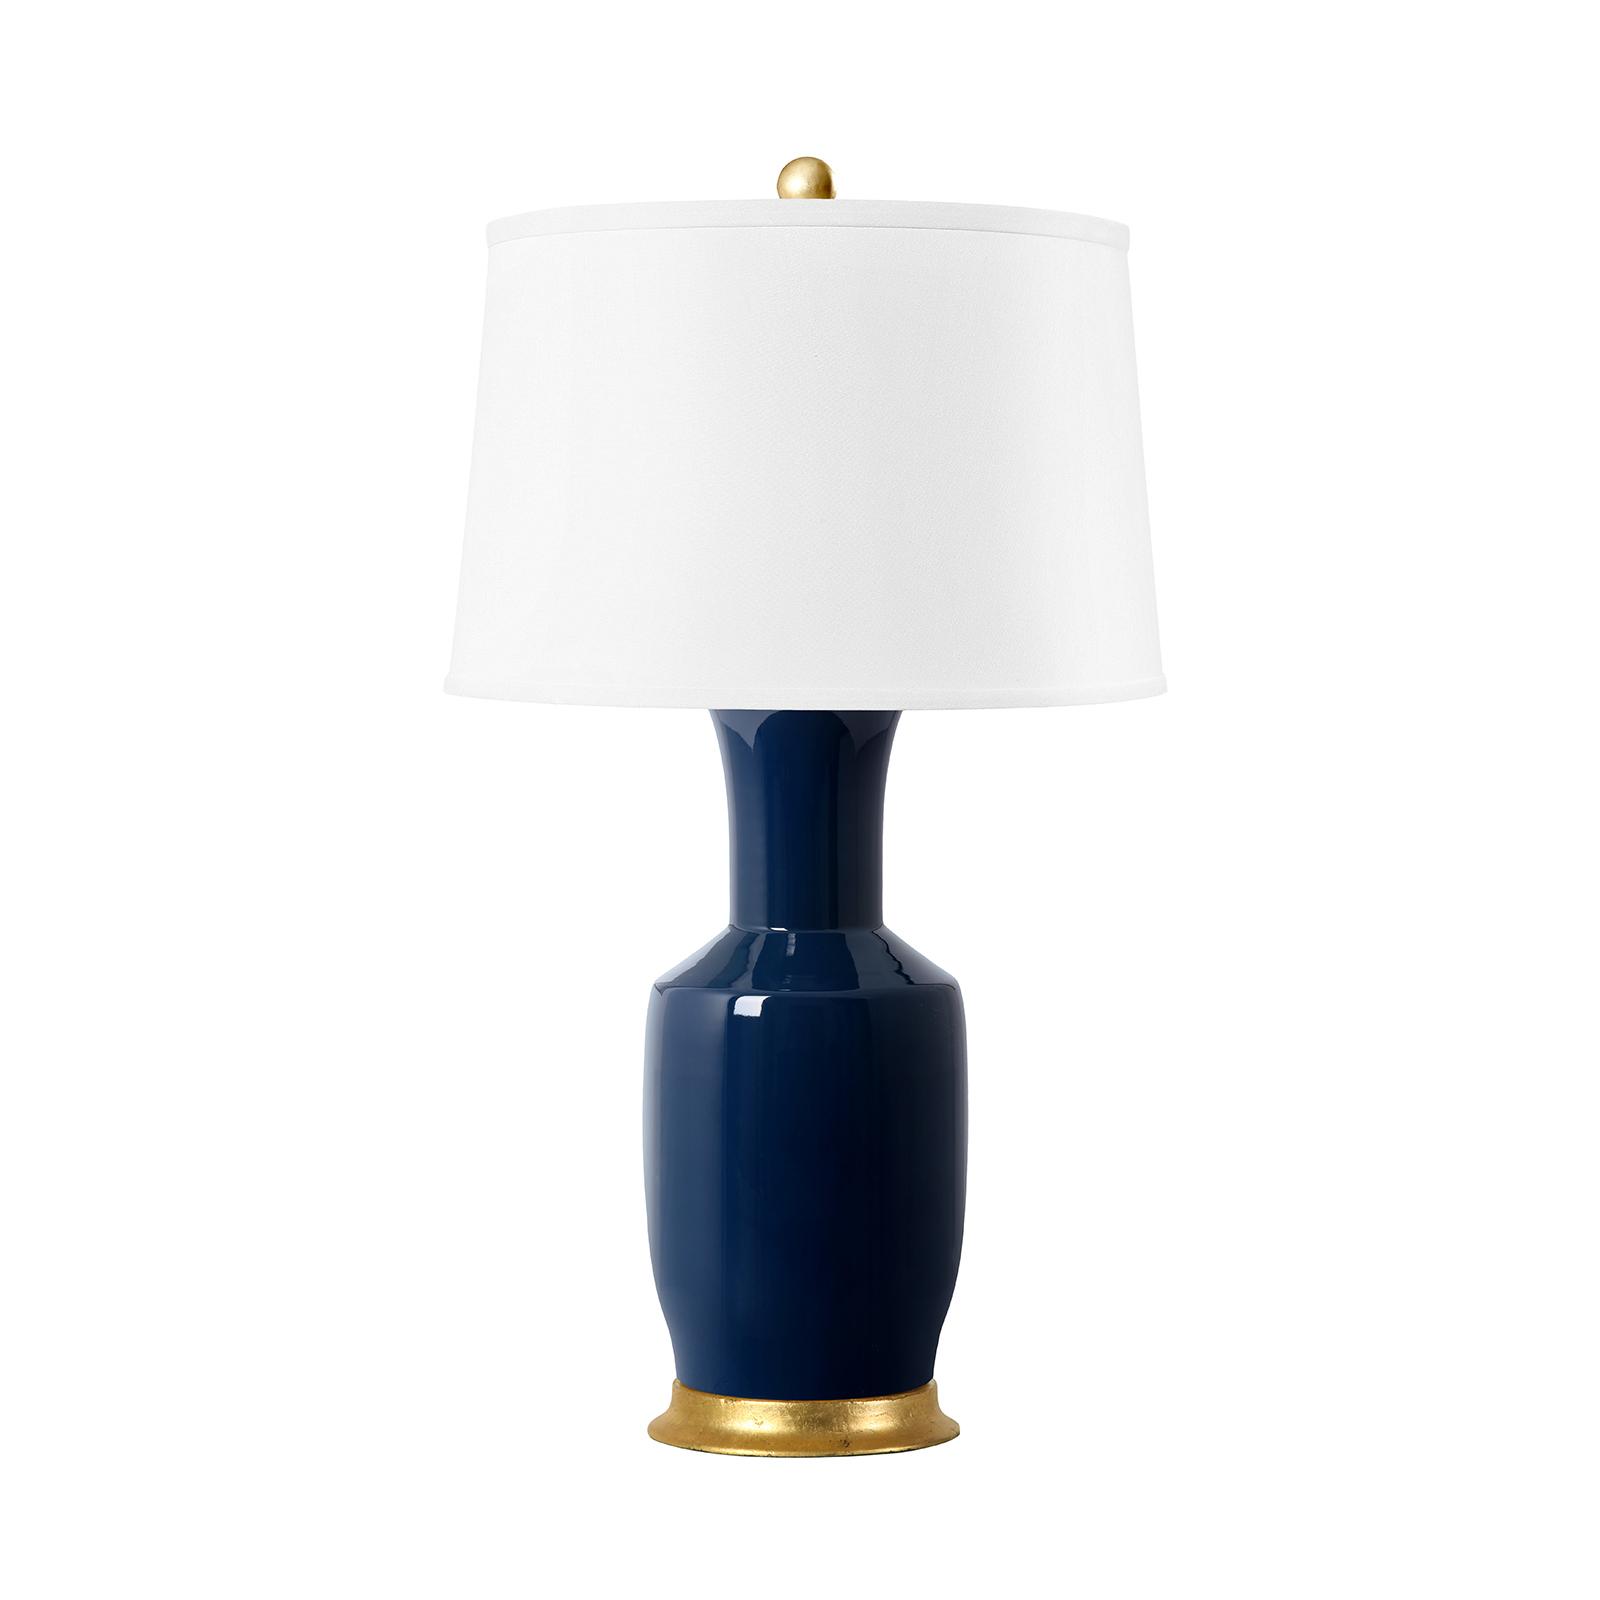 Alia Lamp (Lamp Only), Navy Blue